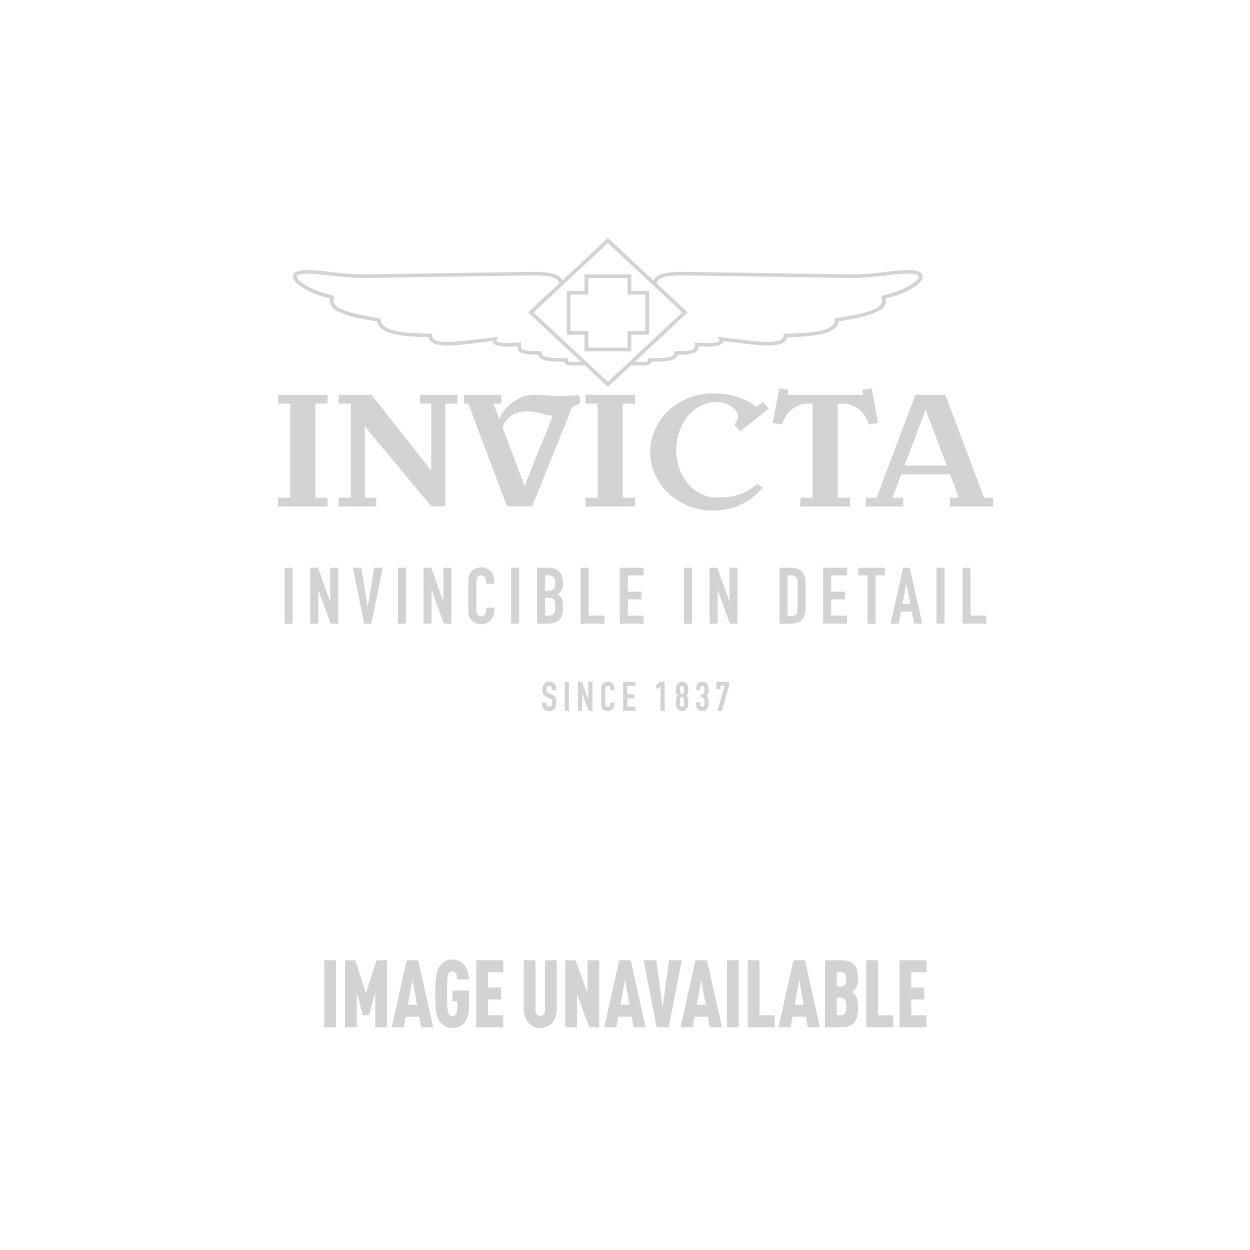 Invicta Model 22004